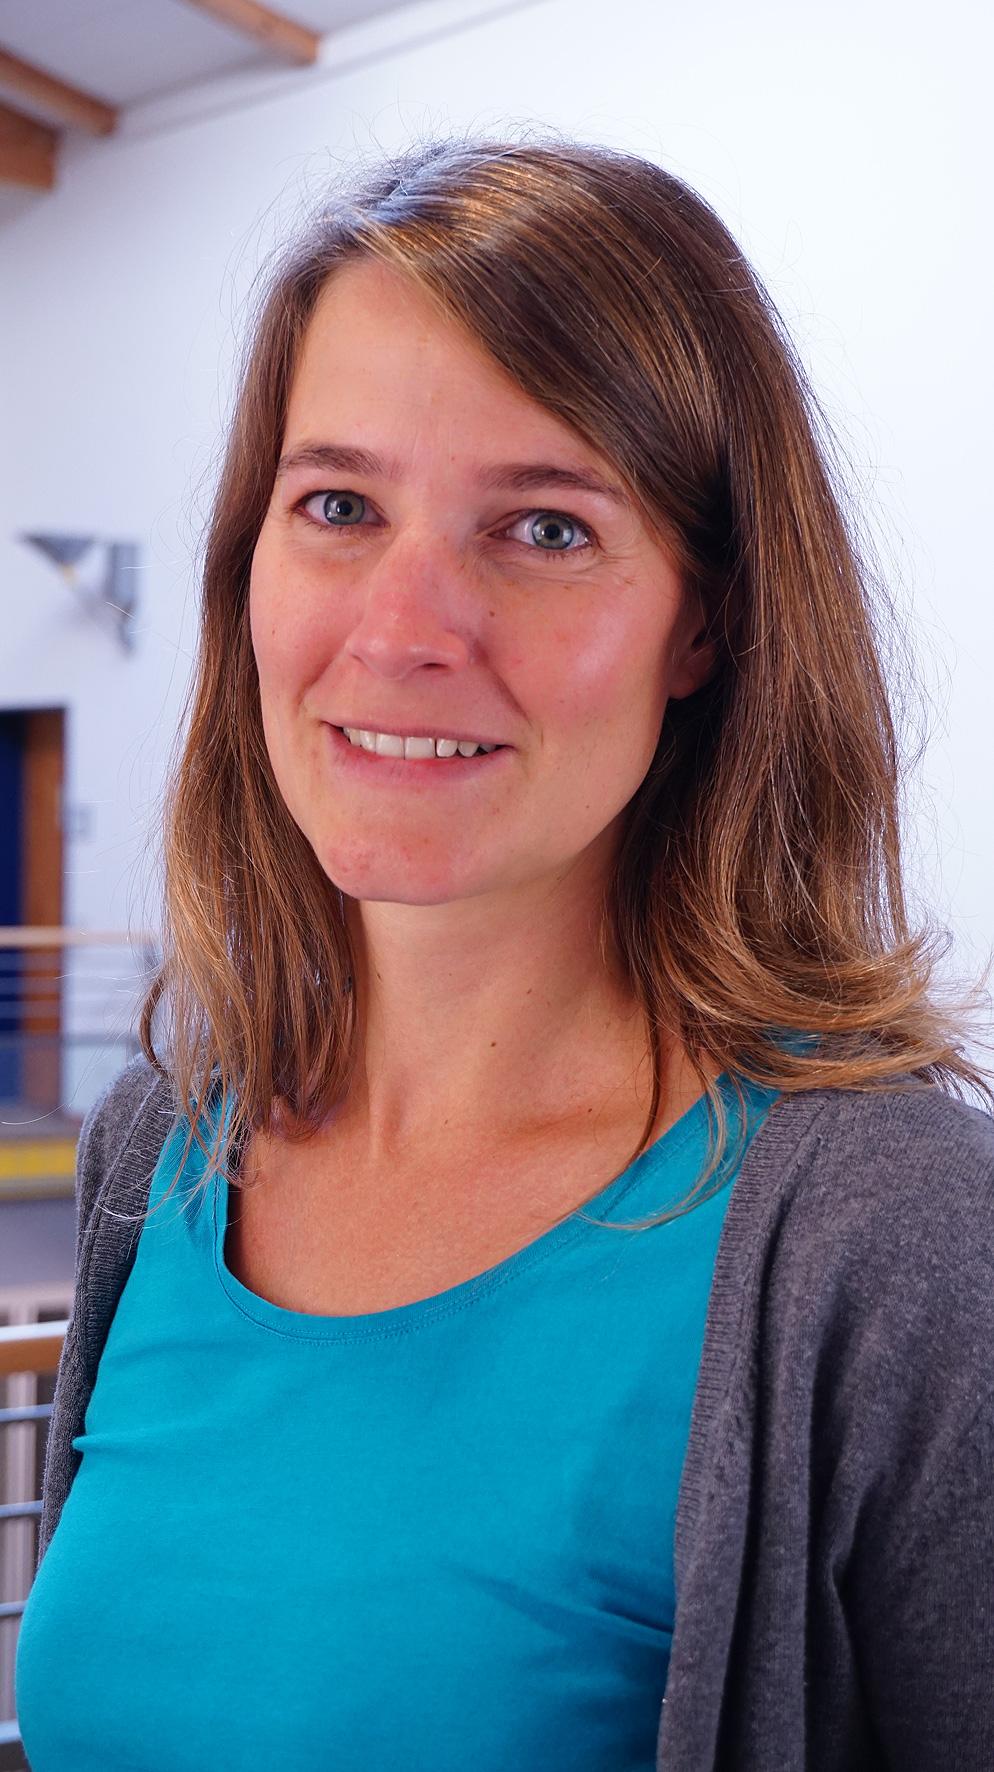 Hannah Gelhaus